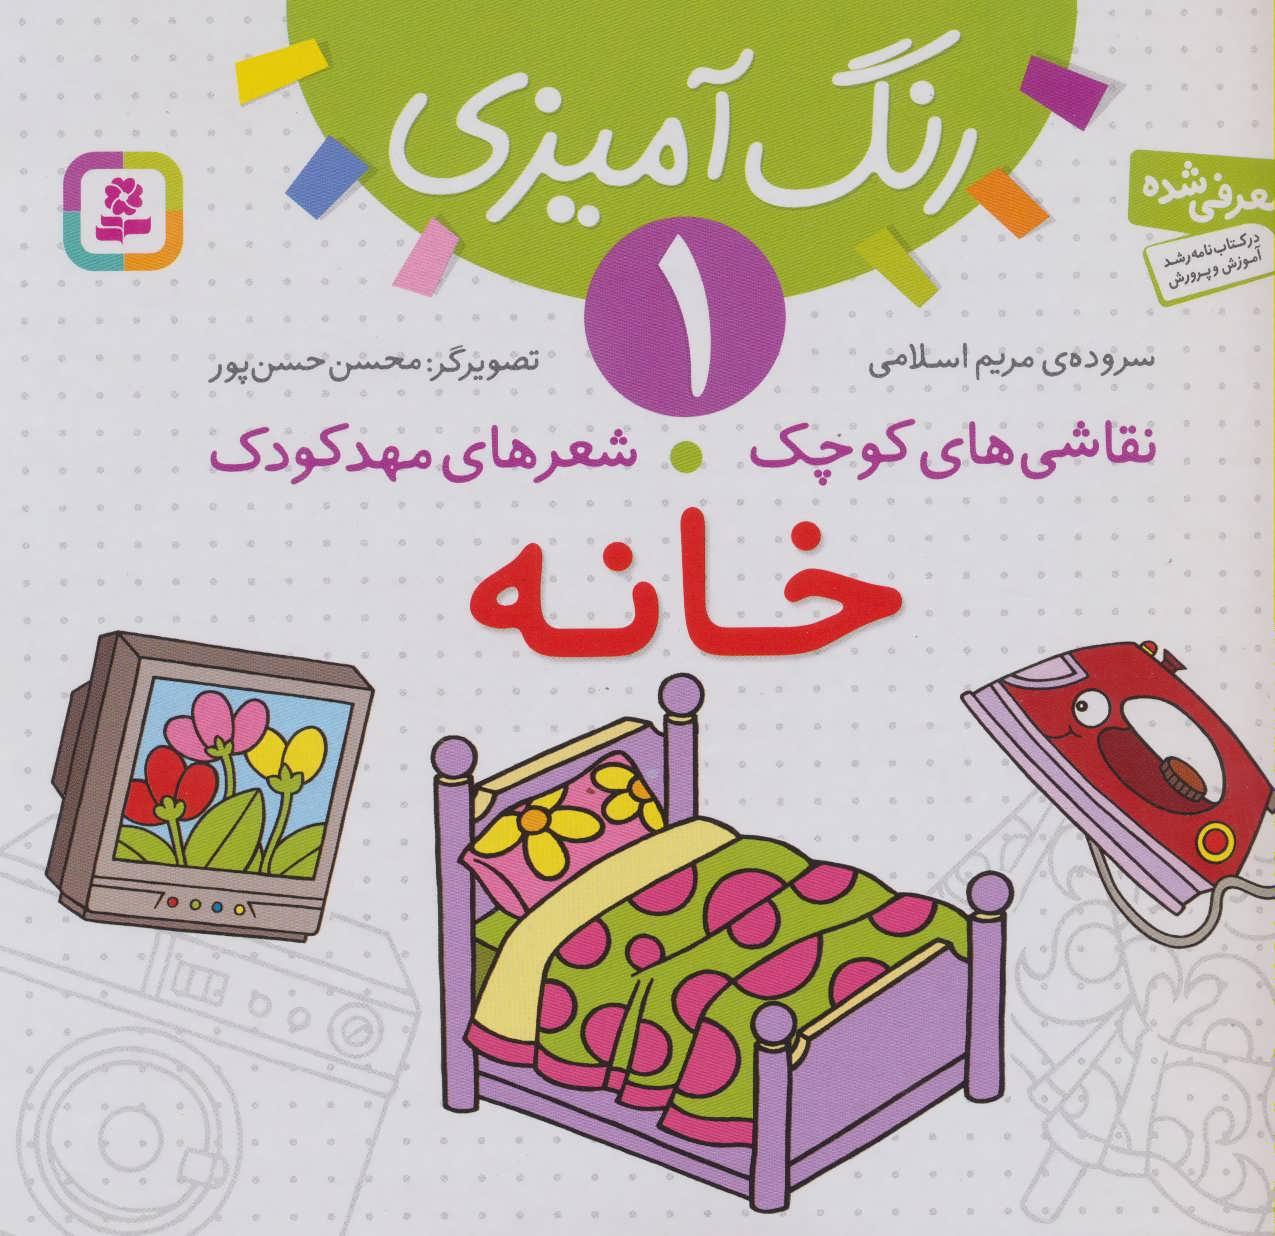 رنگ آمیزی 1 (نقاشی های کوچک،شعرهای مهد کودک:خانه)